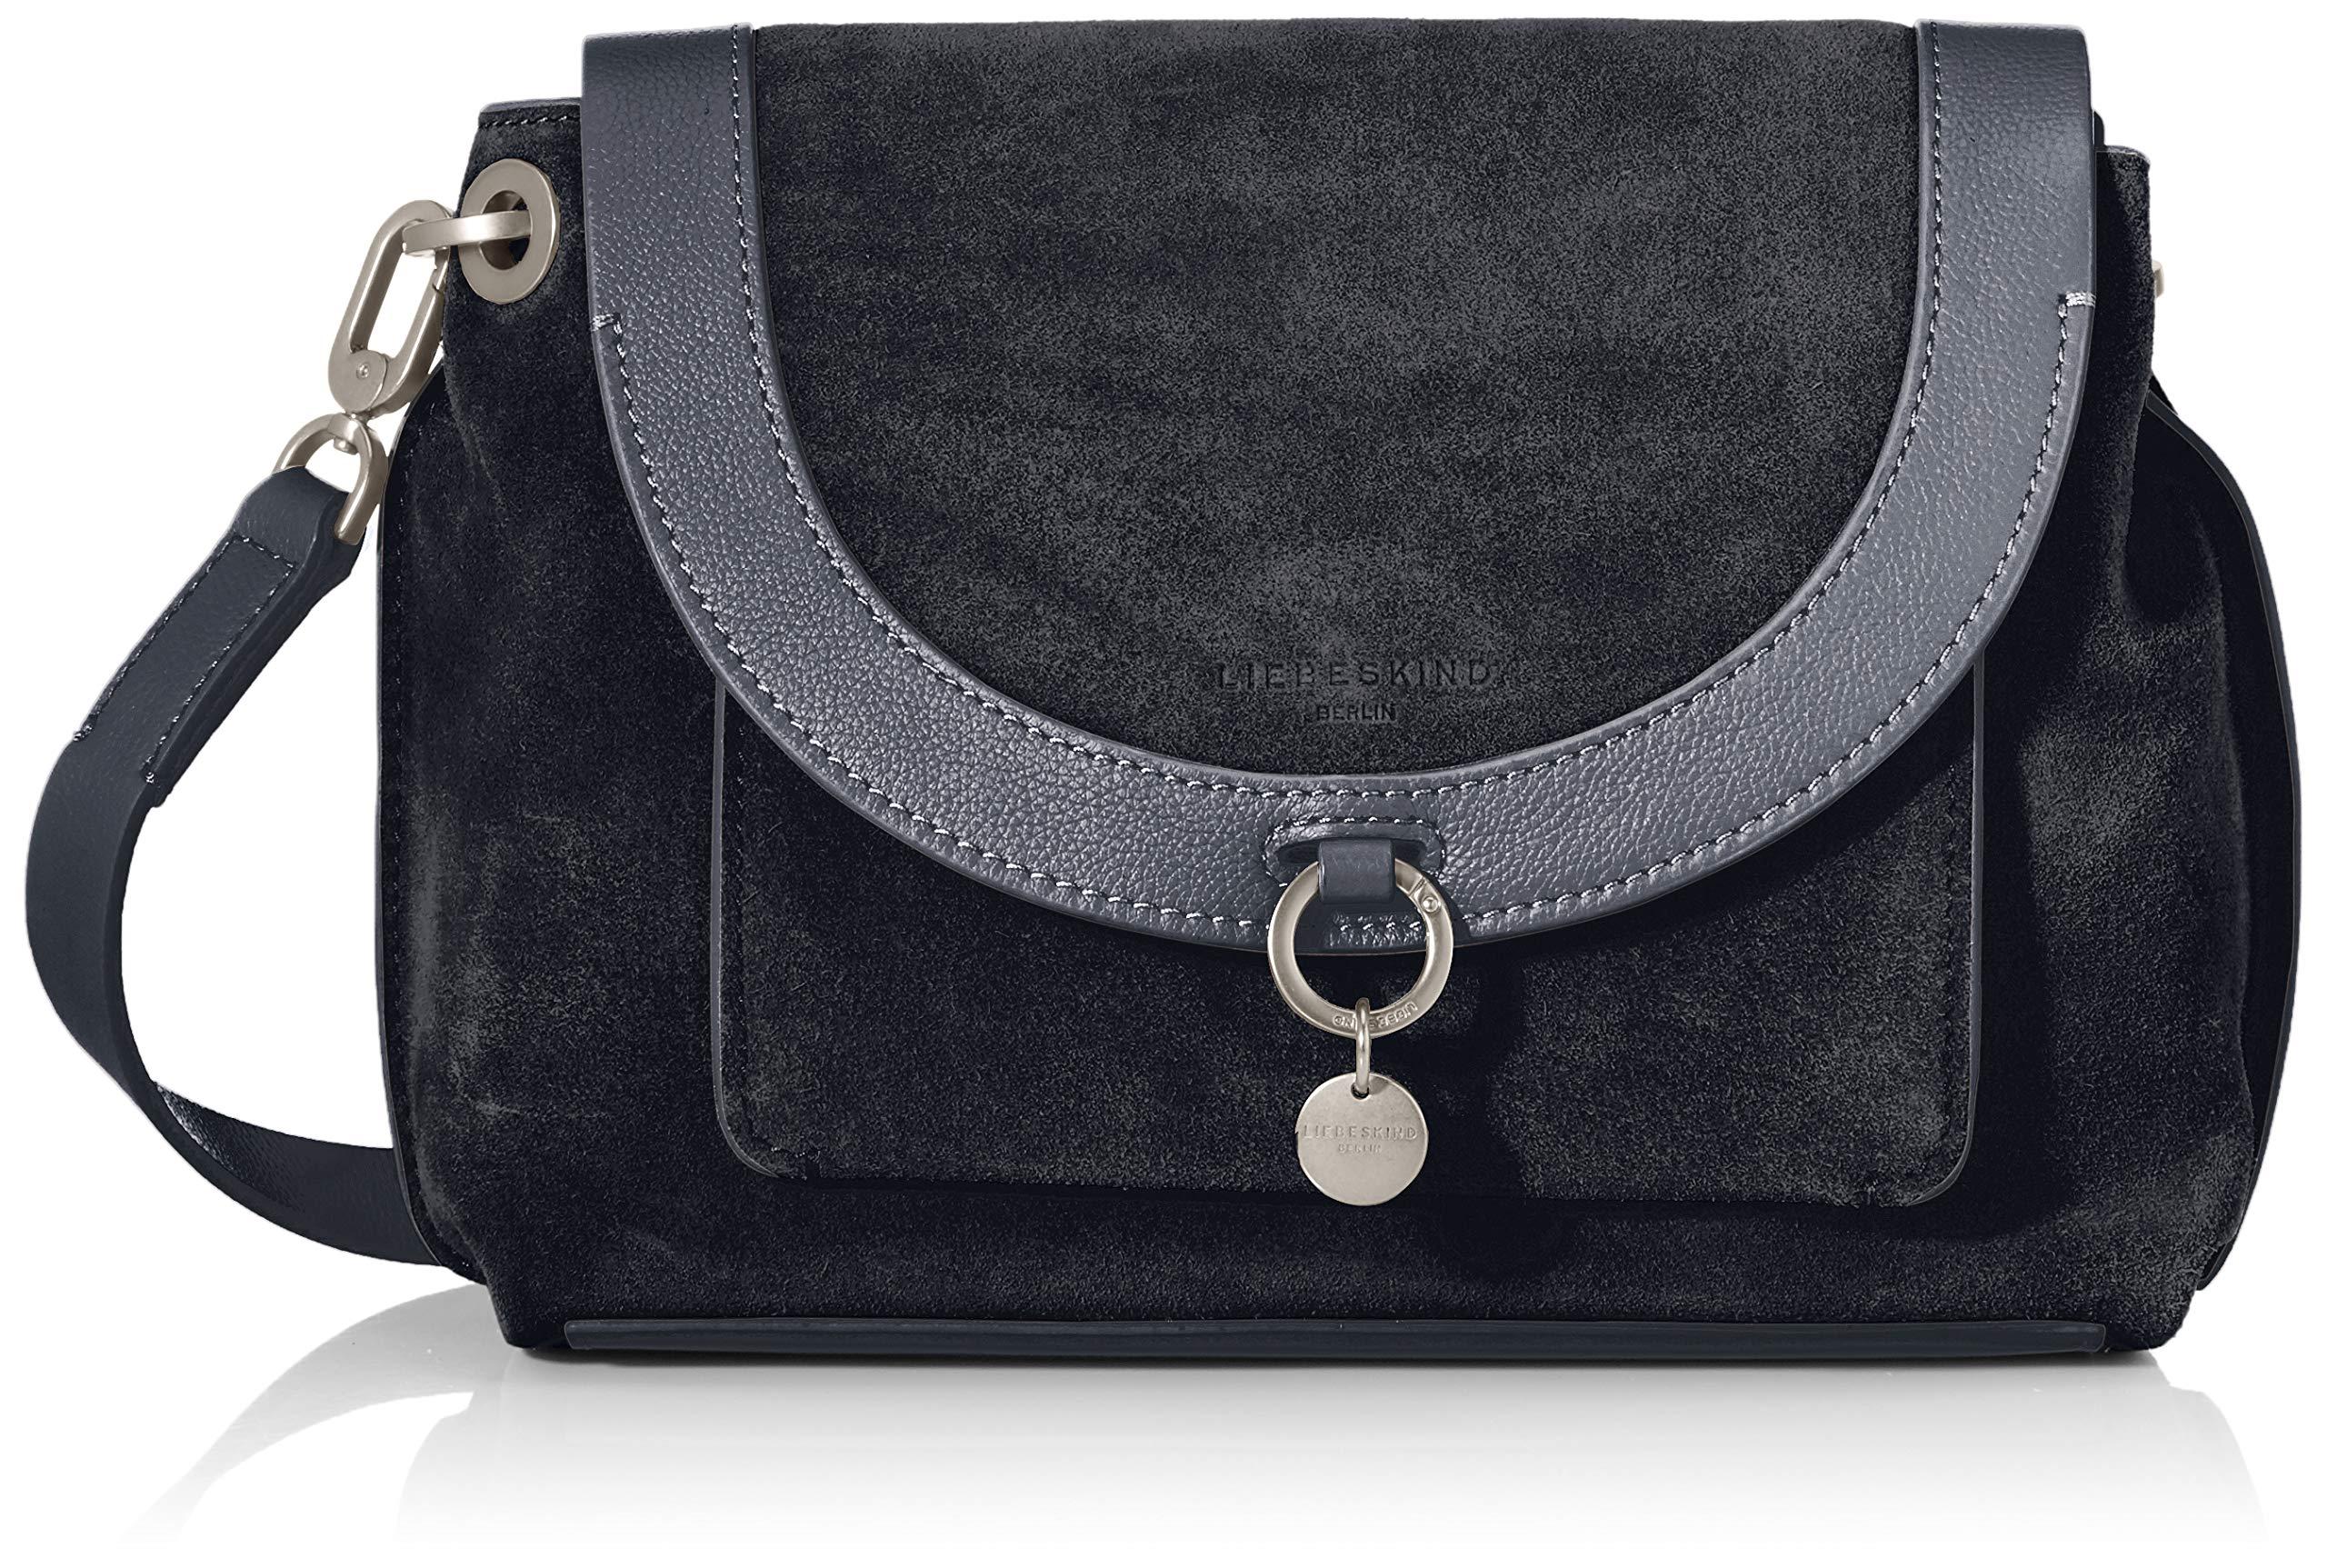 Scouri 2 Leder Handtasche von Liebeskind, TOP Qualität